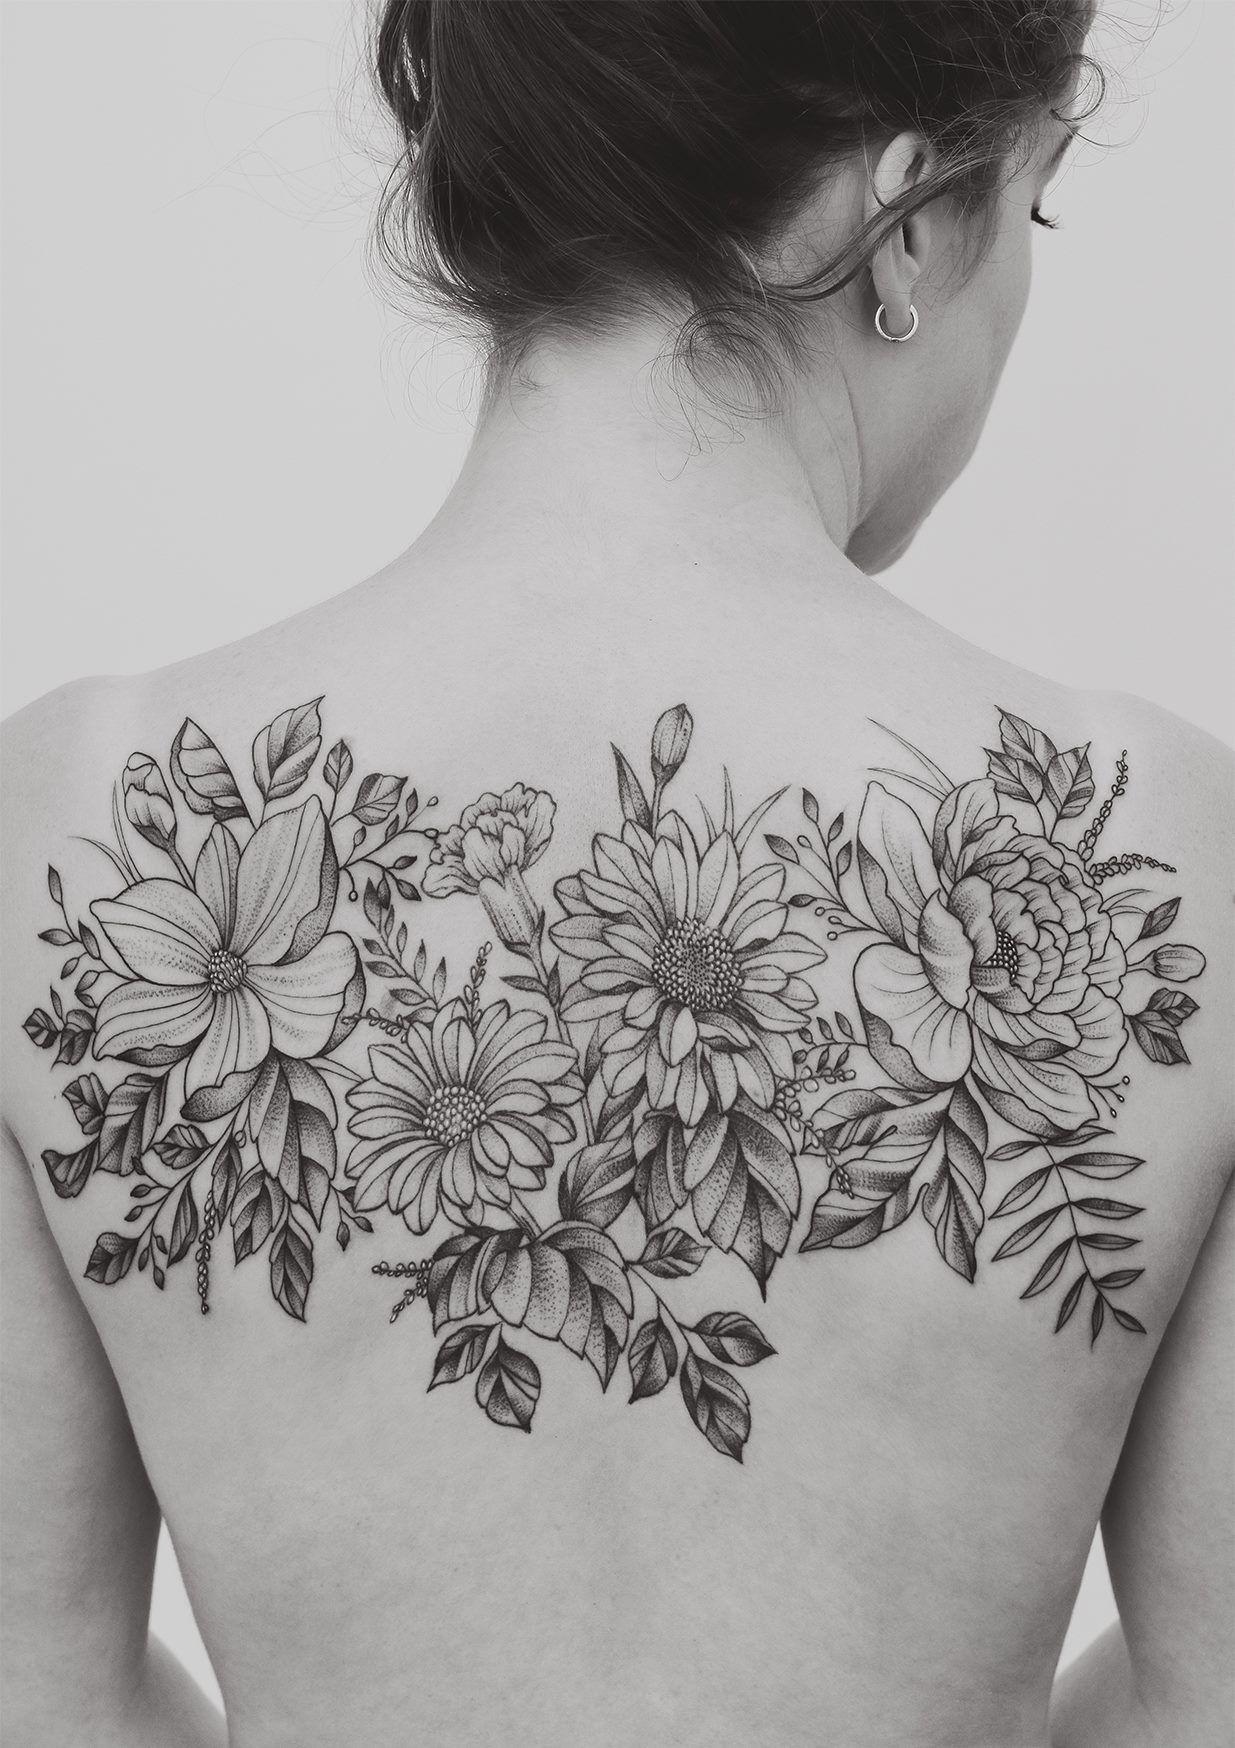 Flower Back Tattoo : flower, tattoo, Flora, McDonald, Seventh, Studio, Beautiful, Tattoos,, Floral, Tattoos